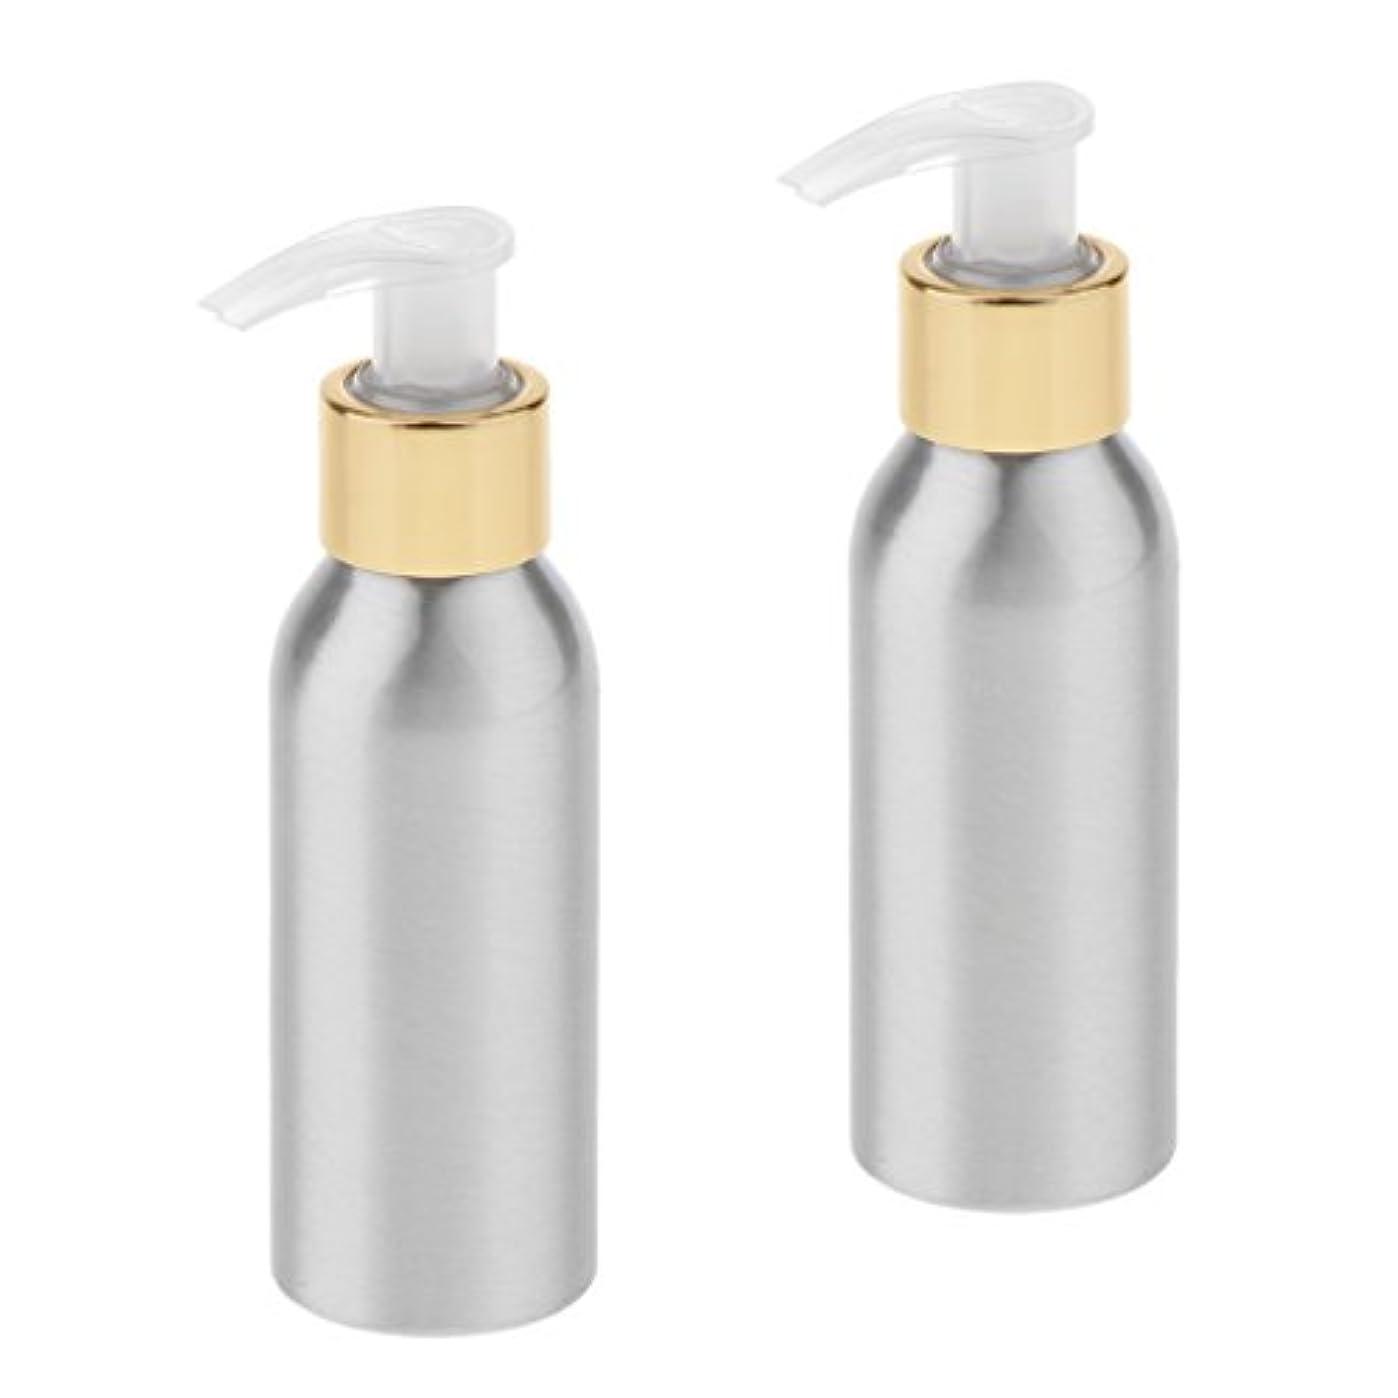 ニッケルセール無駄にSharplace ポンプボトル スプレーボトル 噴霧器 アルミボトル 旅行 出張 用品 詰替え 化粧品 2本入り 全6サイズ - 120ml